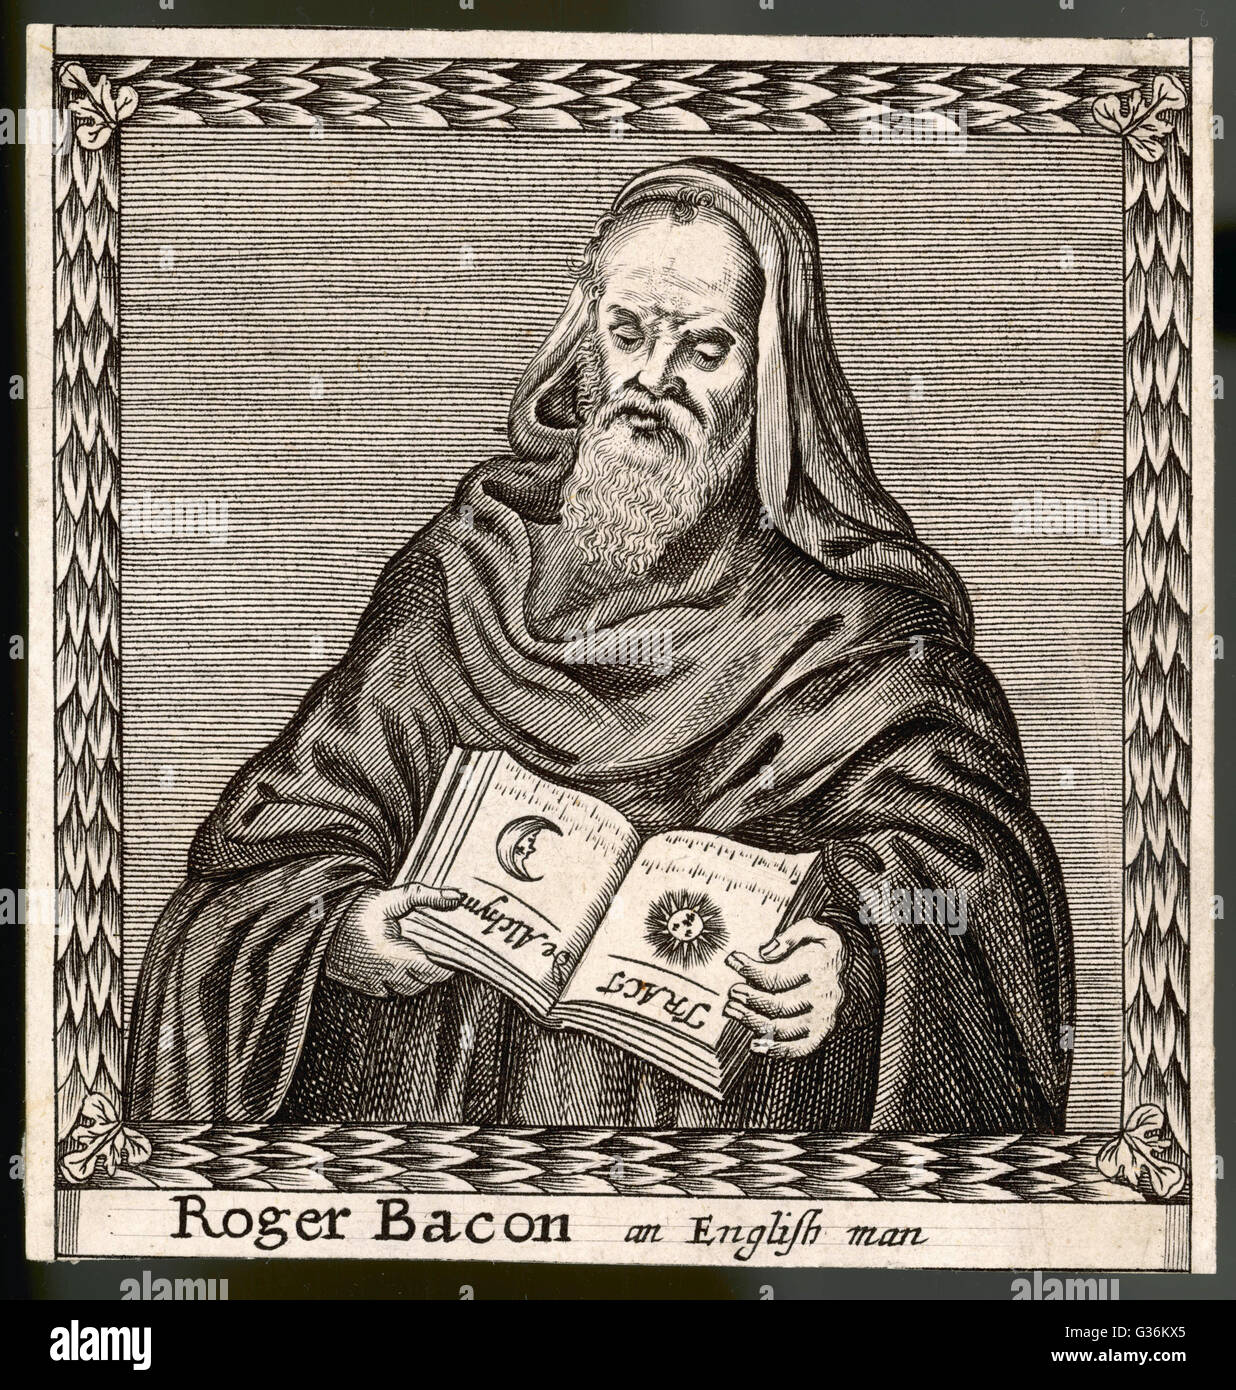 Roger Bacon (1214 - 1294) Scholar